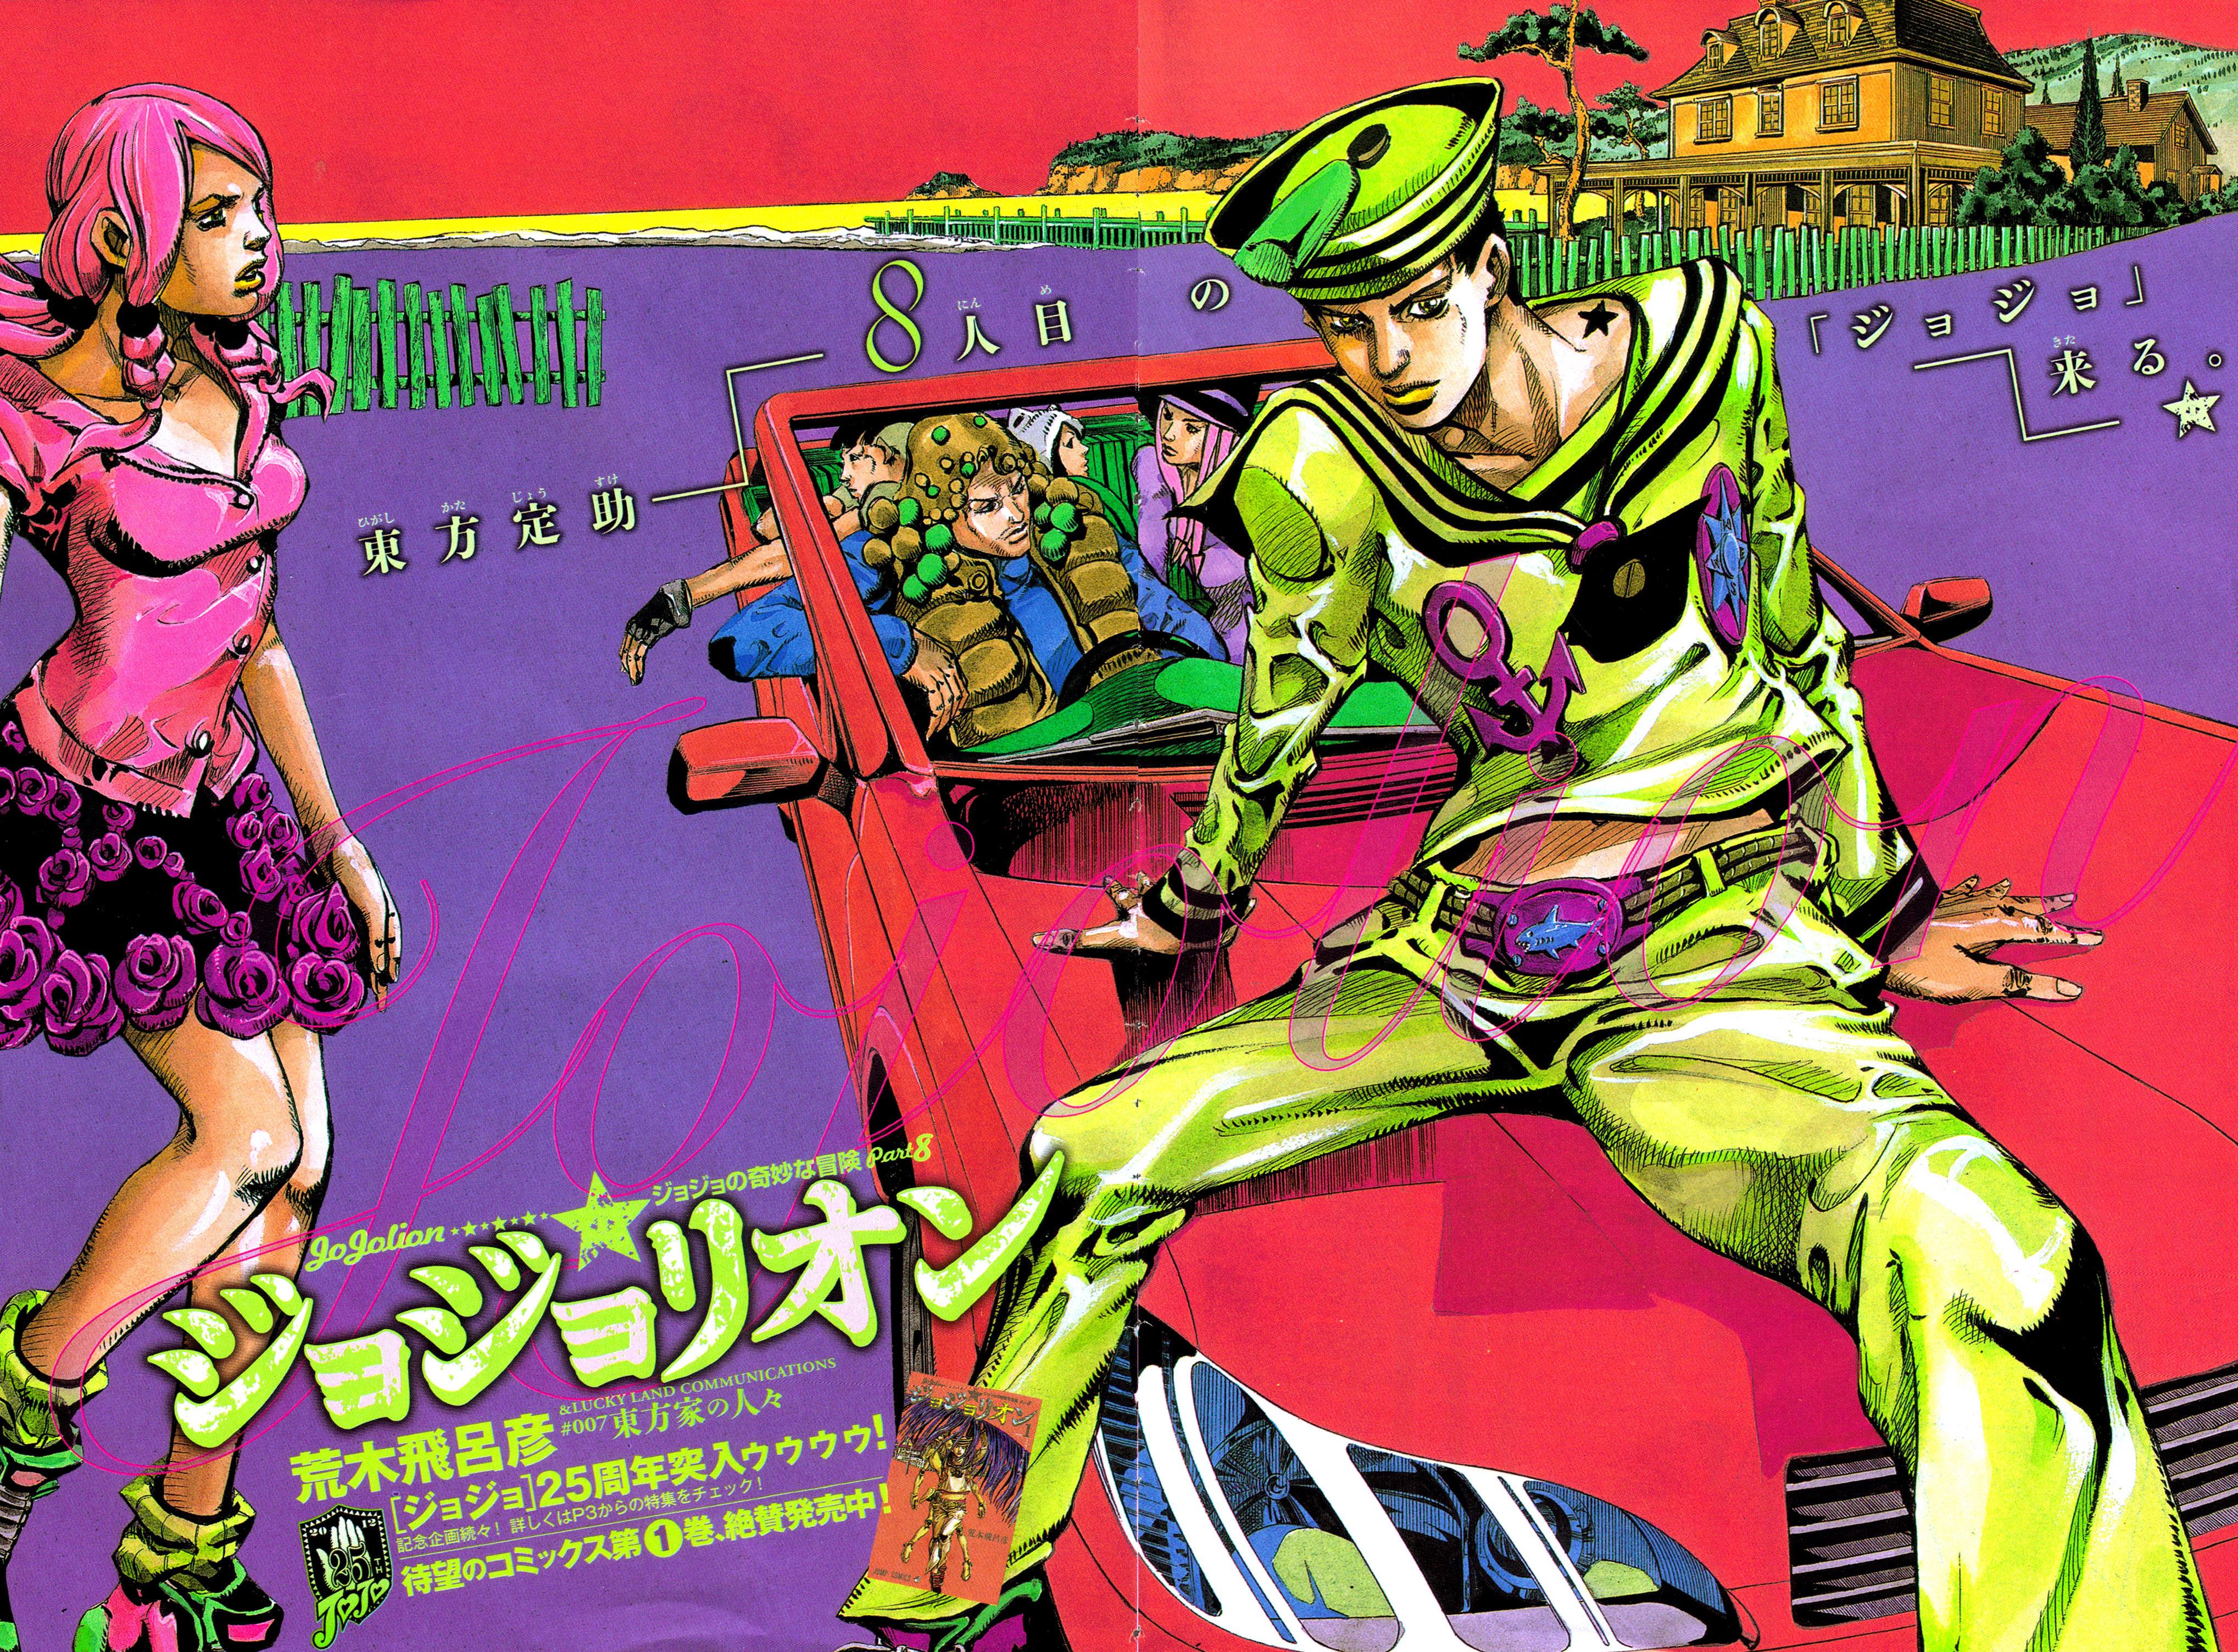 JJL Chapter 7 Magazine Cover B.jpg